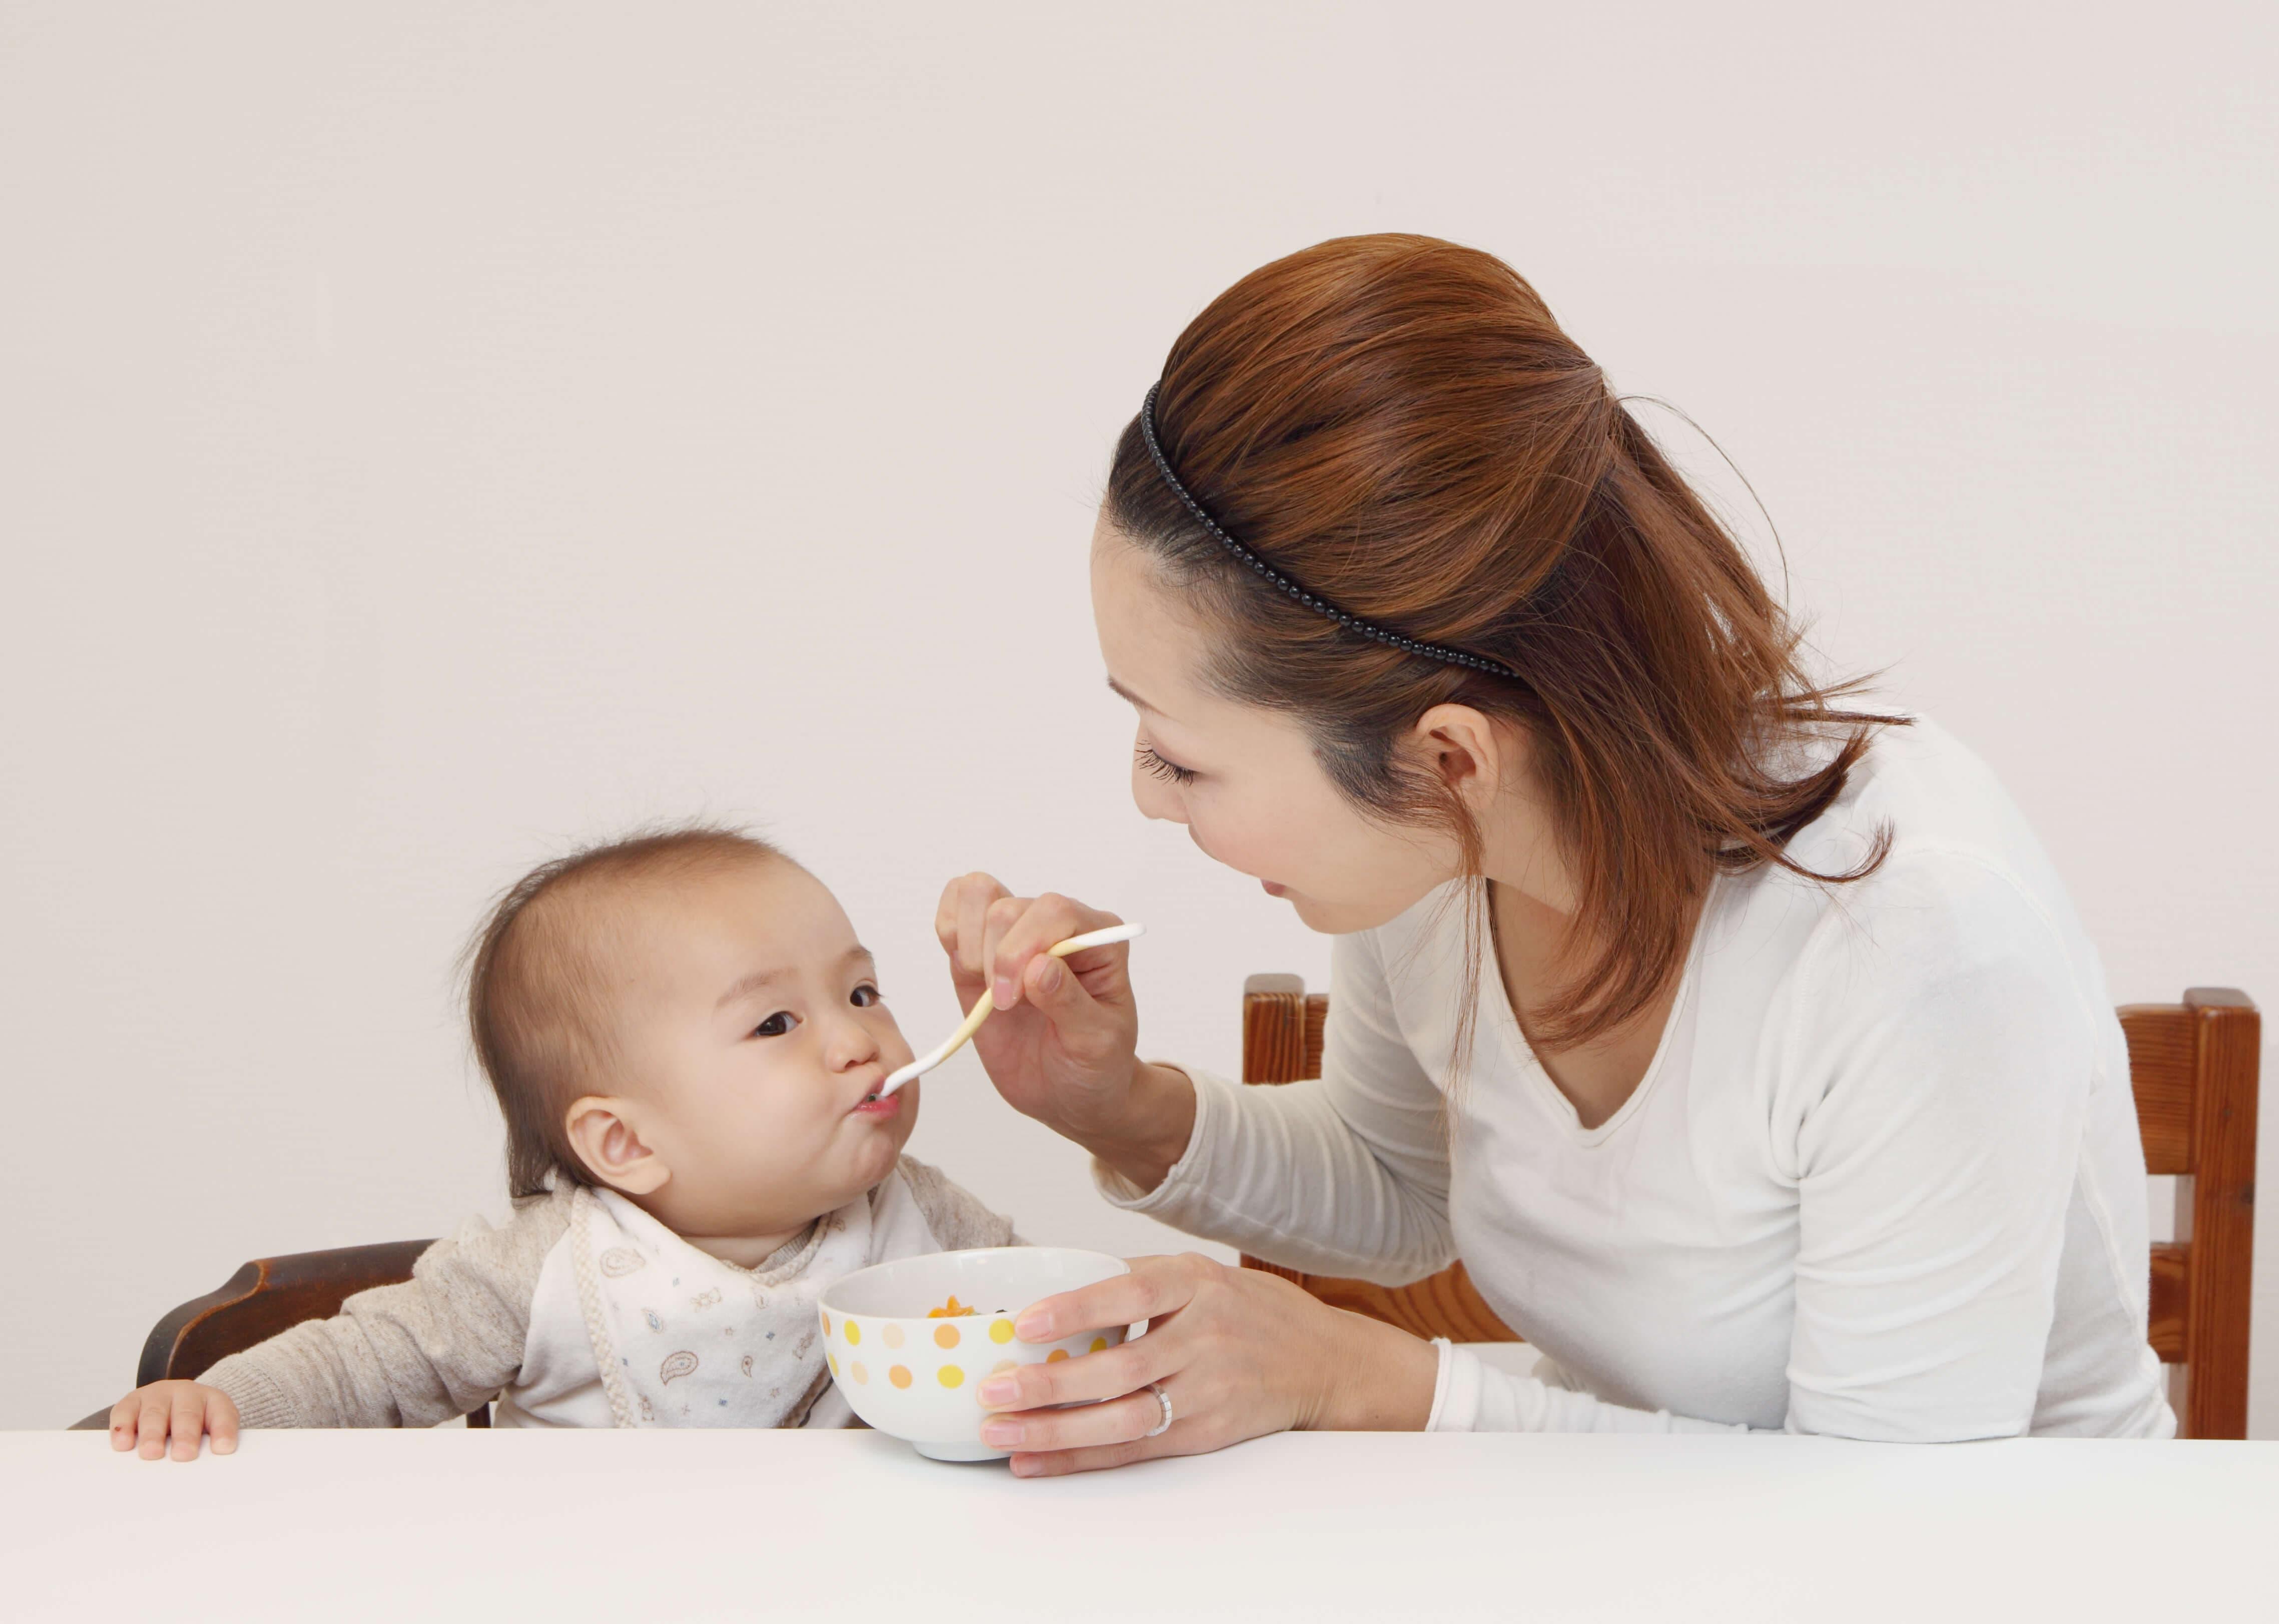 【レシピ付き】赤ちゃんが喜ぶおいしい離乳食メニュー初期~完了期・11選